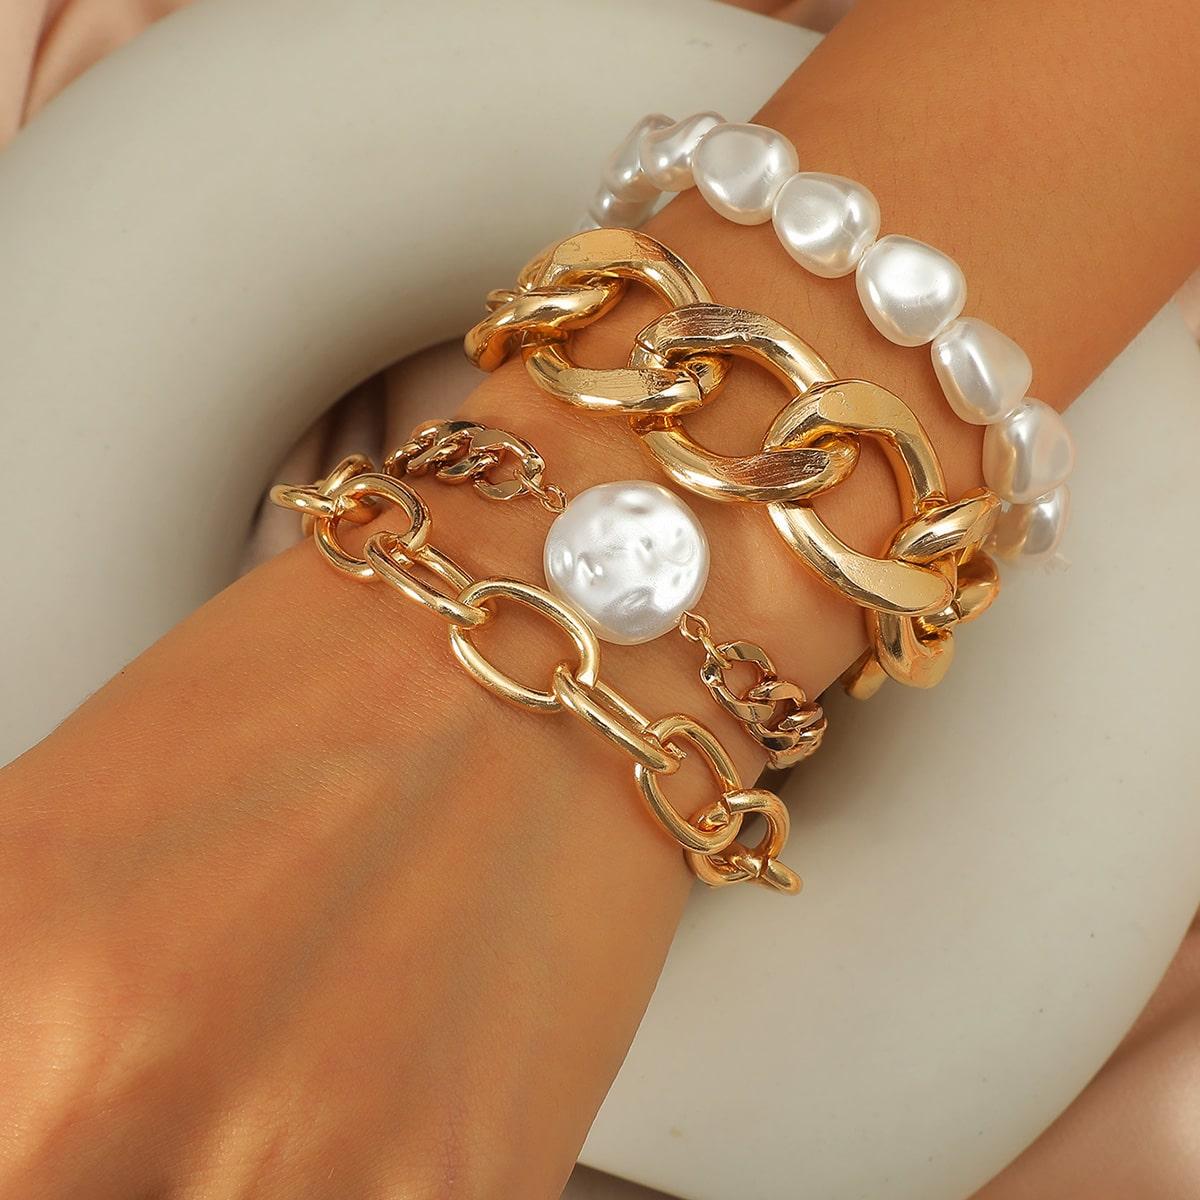 4 Stücke Armband mit Kunstperlen Dekor